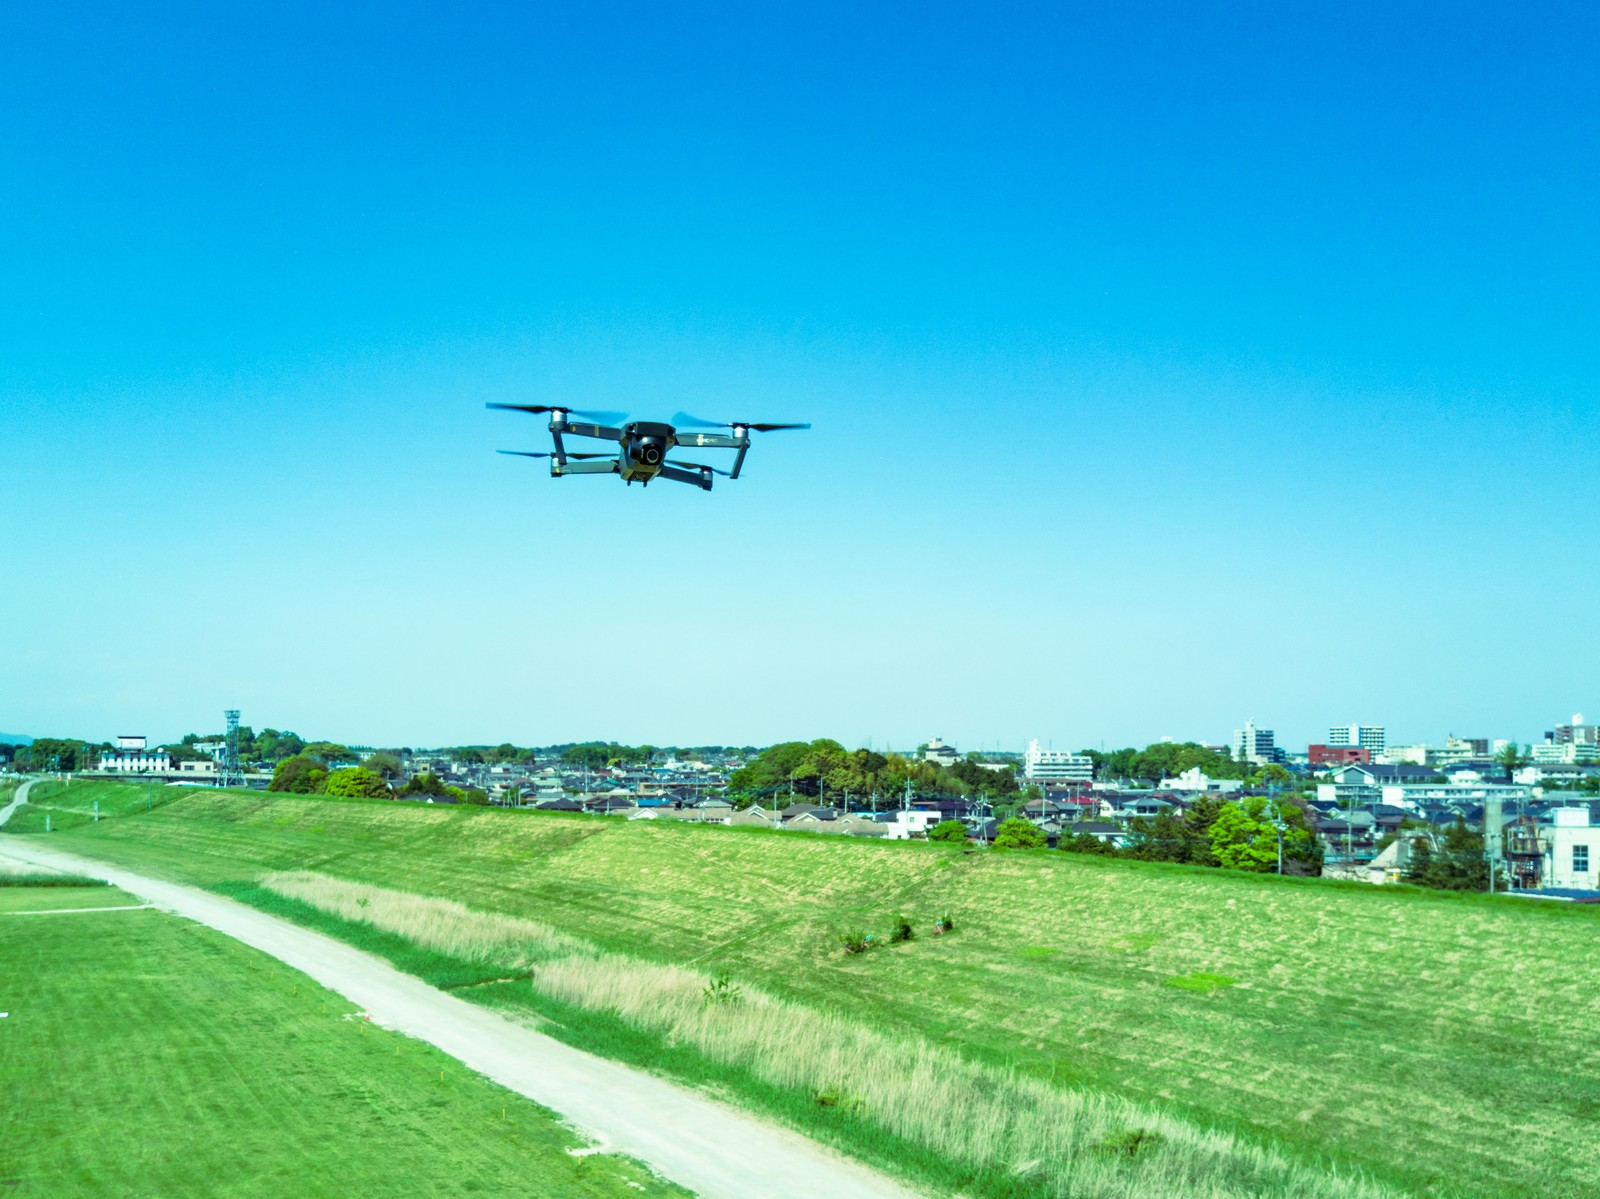 「河川敷でマルチコプター(ドローン)が飛行中」の写真